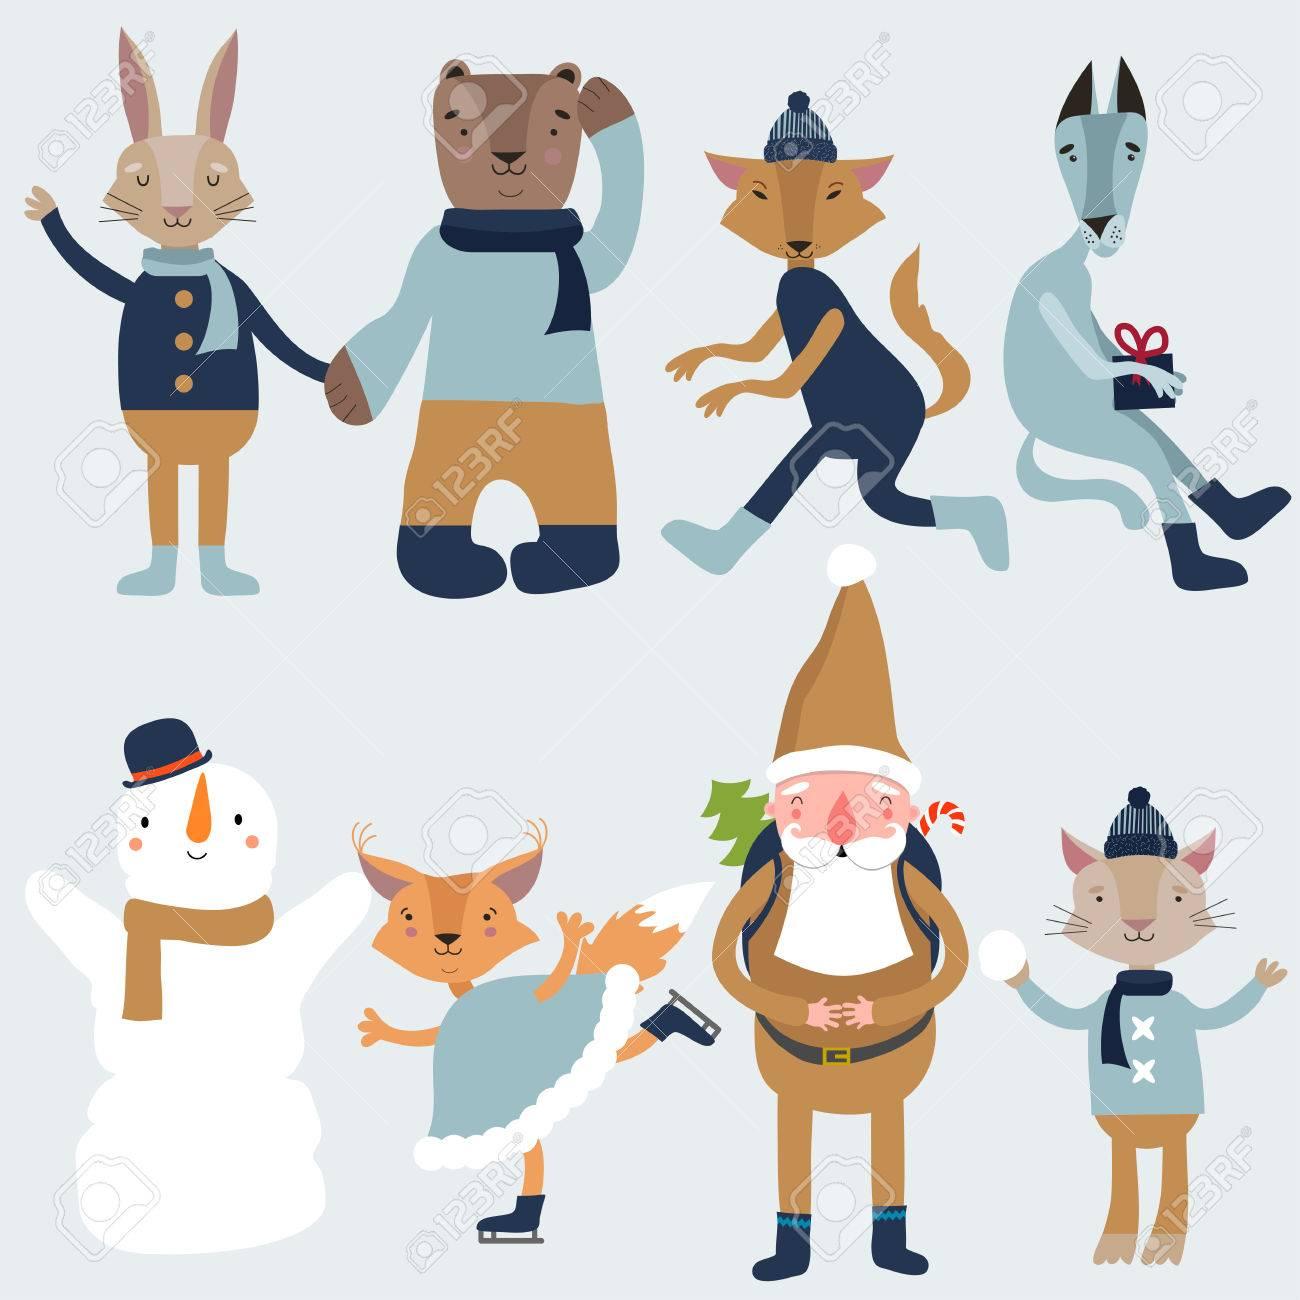 クリスマス キャラクター イラスト かわいい